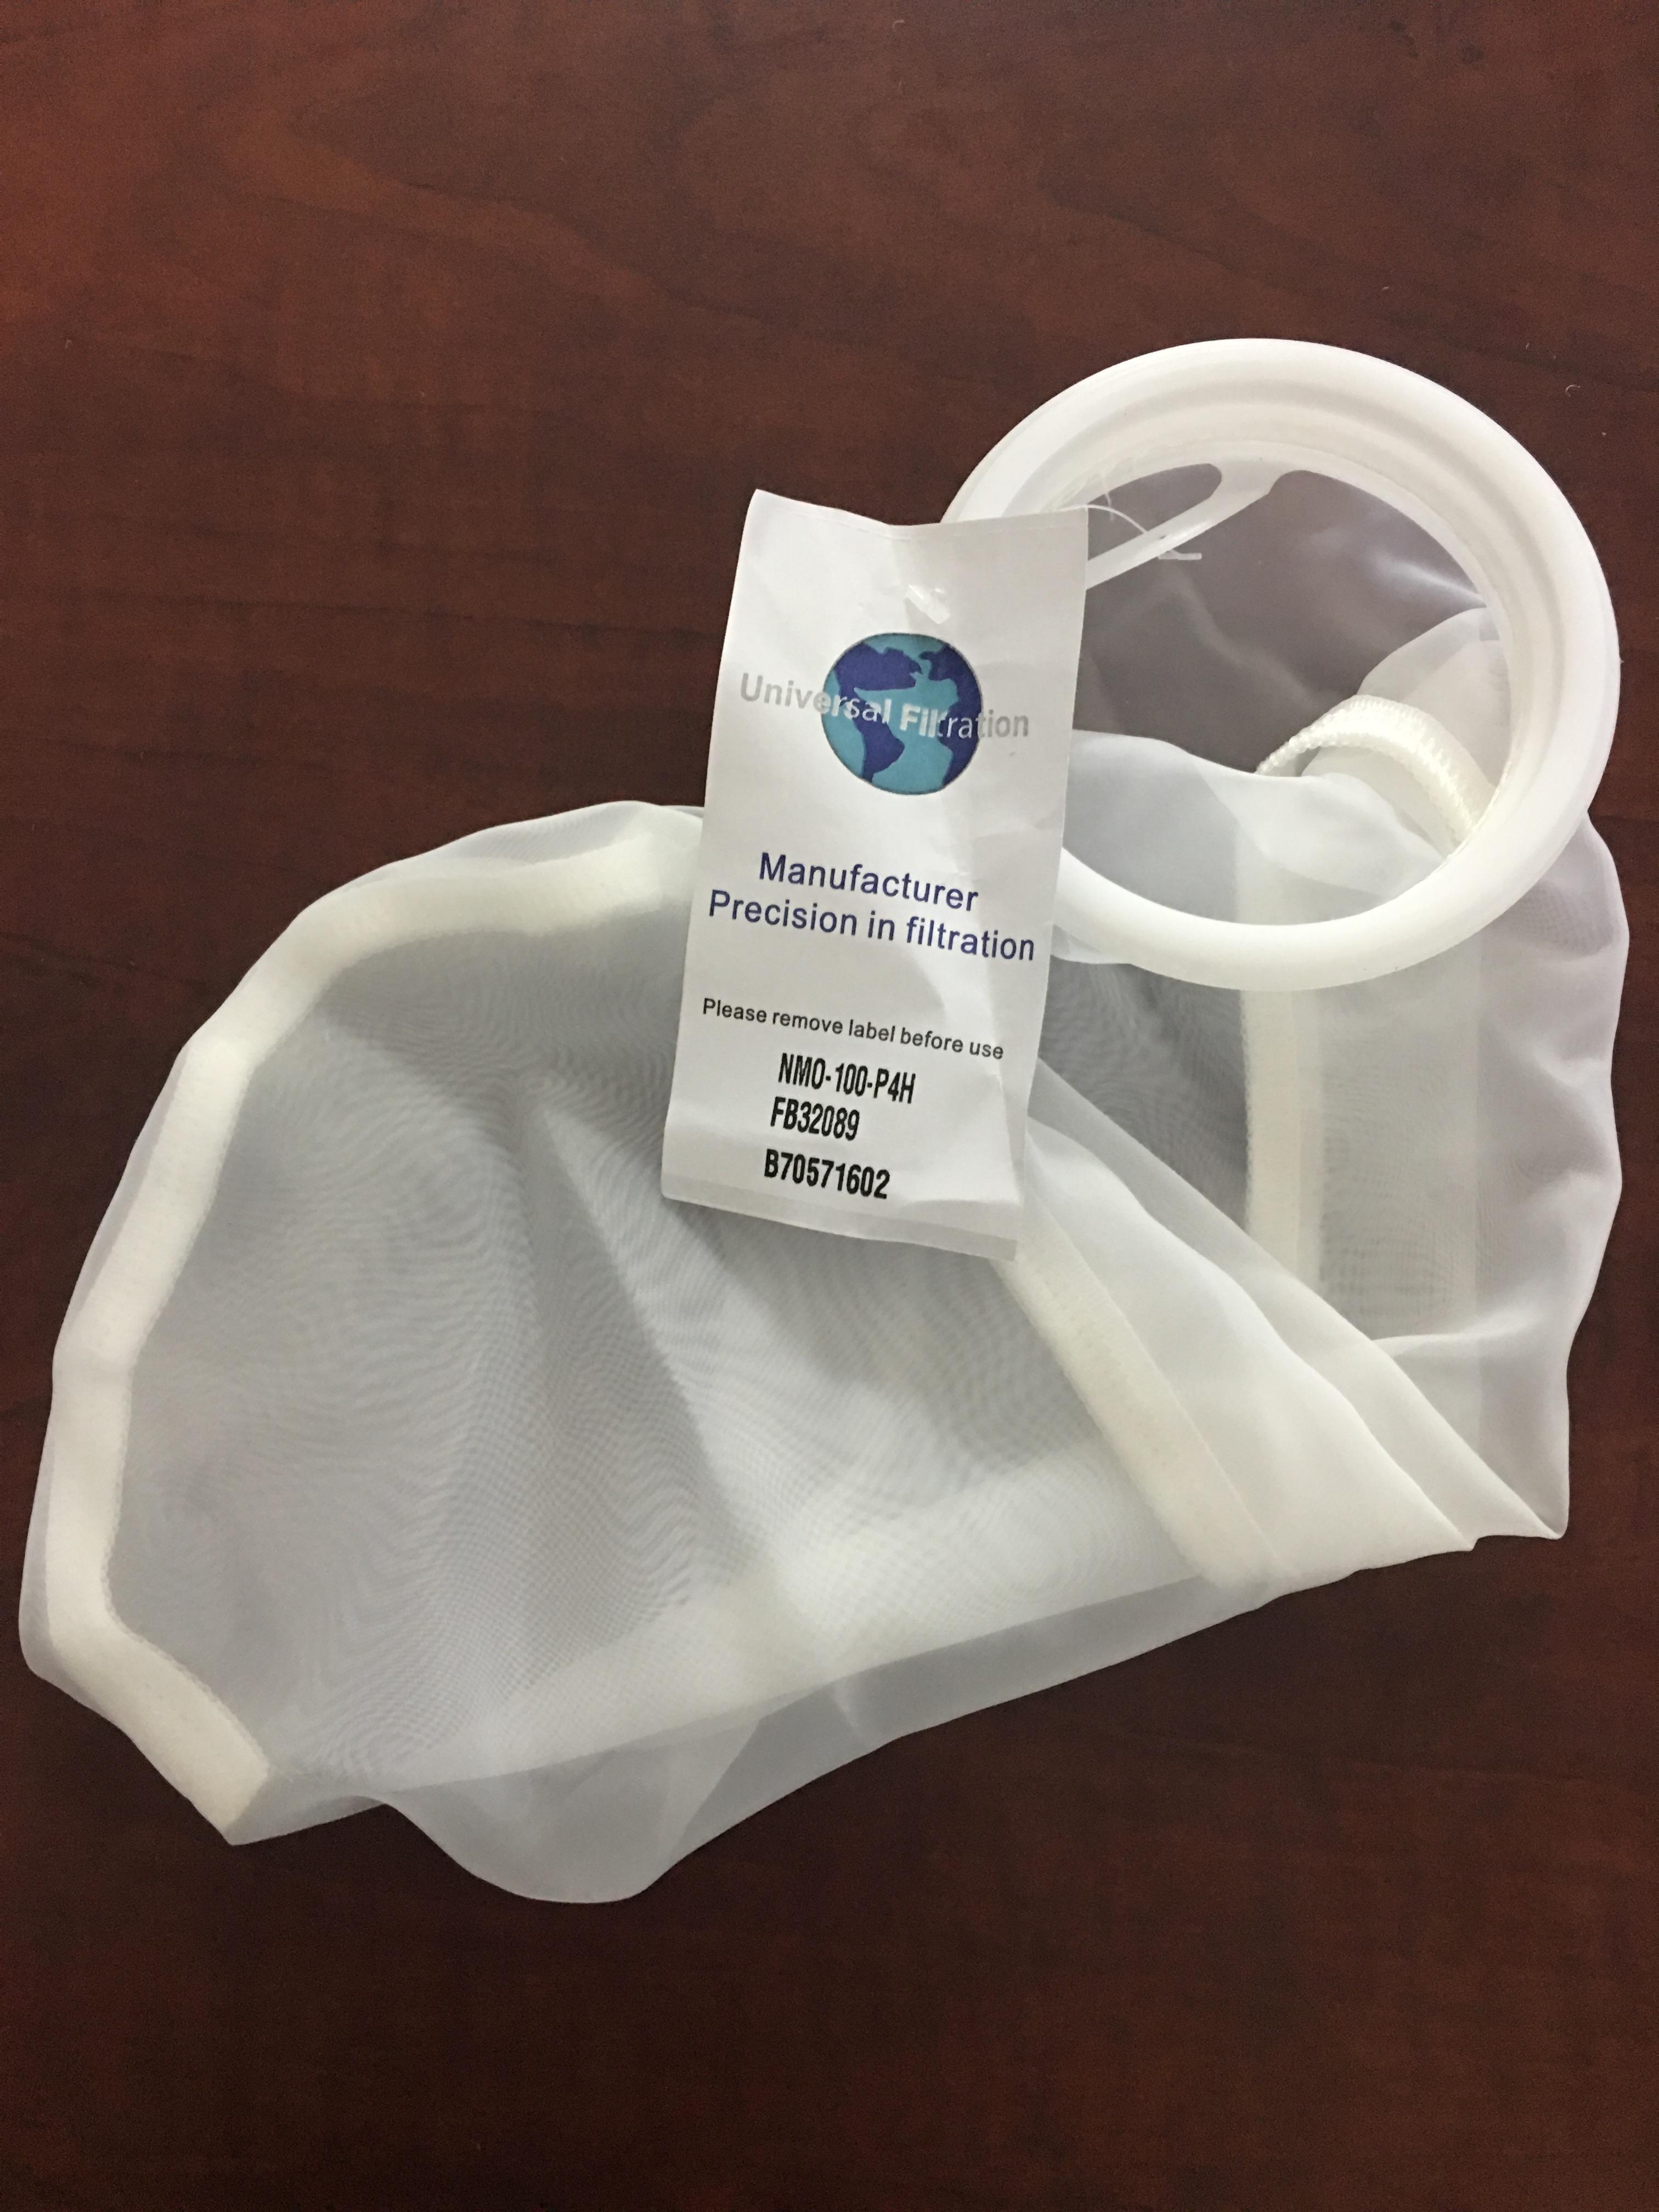 Túi lọc NMO 100 micron size 4